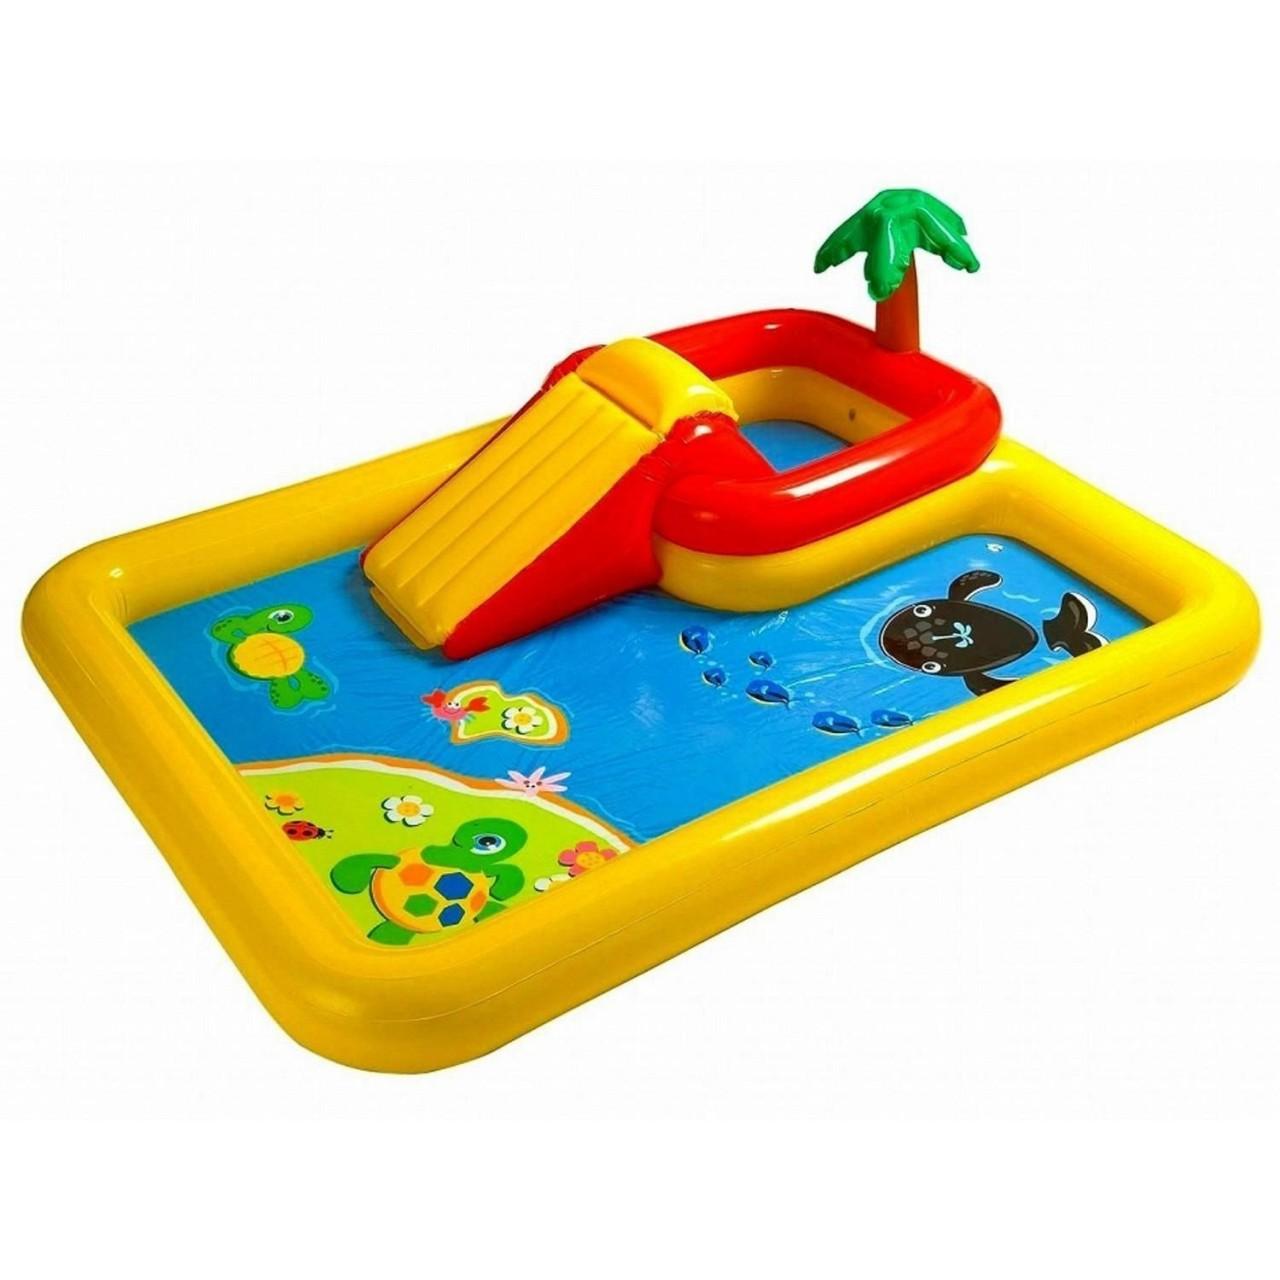 Intex 57454 Play Center Planschbecken Kinder Pool mit Rutsche aufblasbar Zubehör